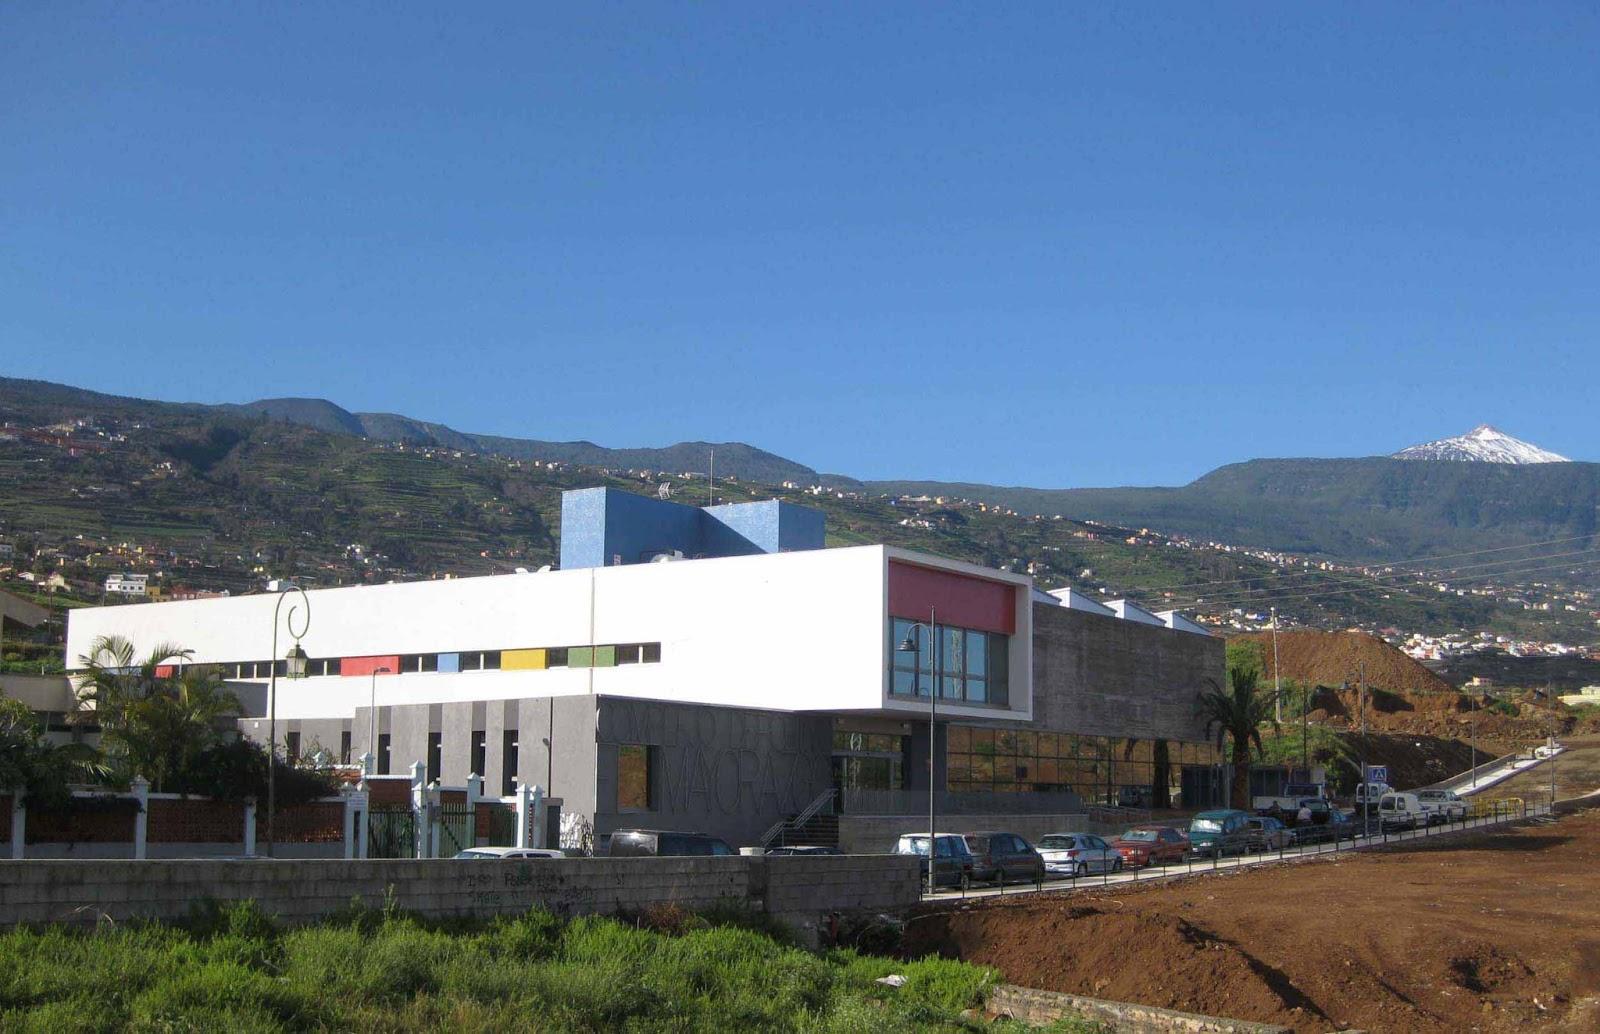 Ama arquitectura y medio ambiente complejo deportivo el - Complejo deportivo el mayorazgo ...